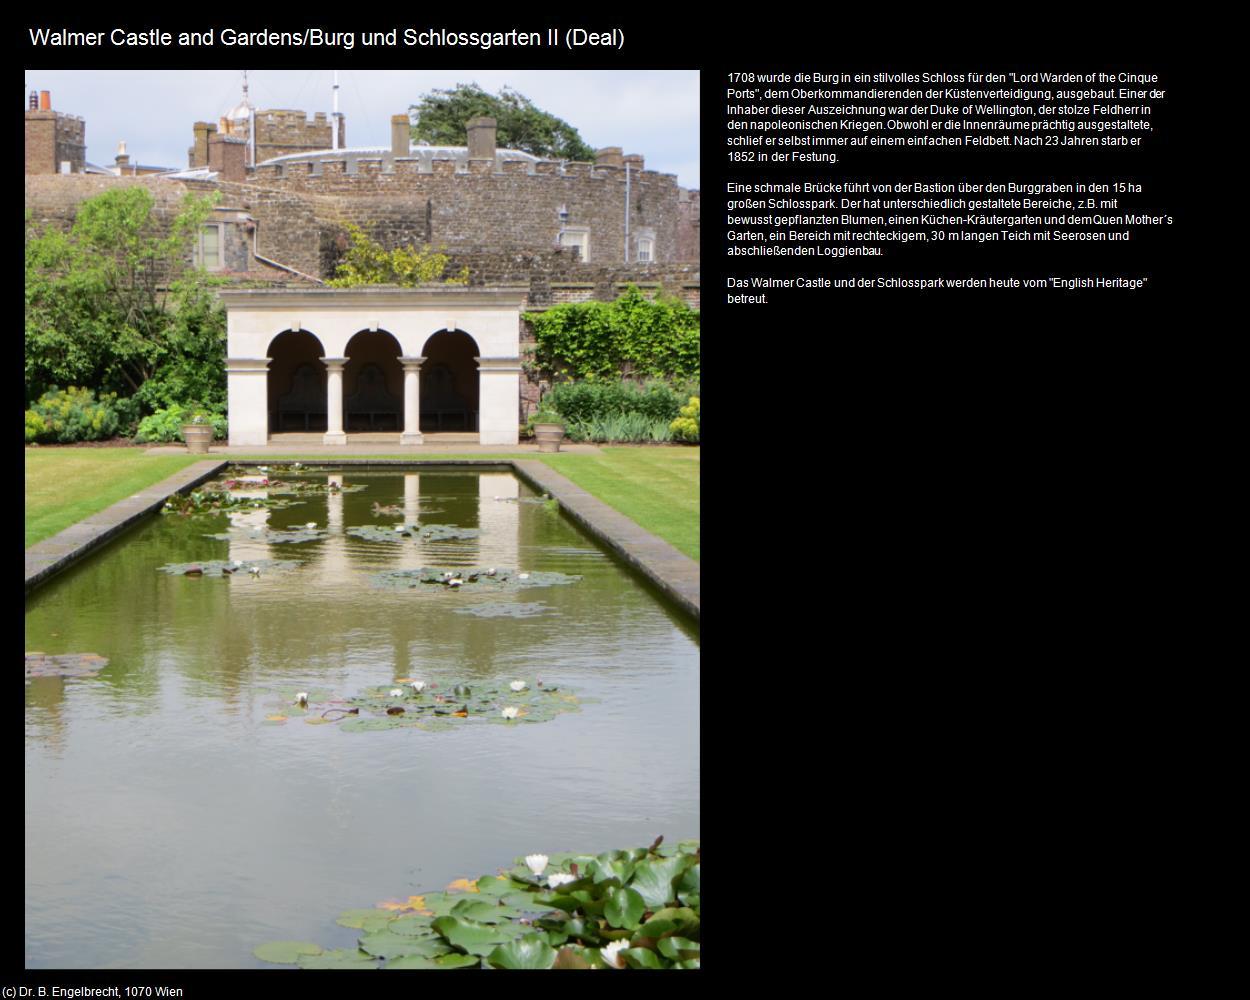 Full Size of Walmer Castle And Gardens Burg Und Schlossgarten Ii Deal Wohnzimmer Küchenkräutergarten